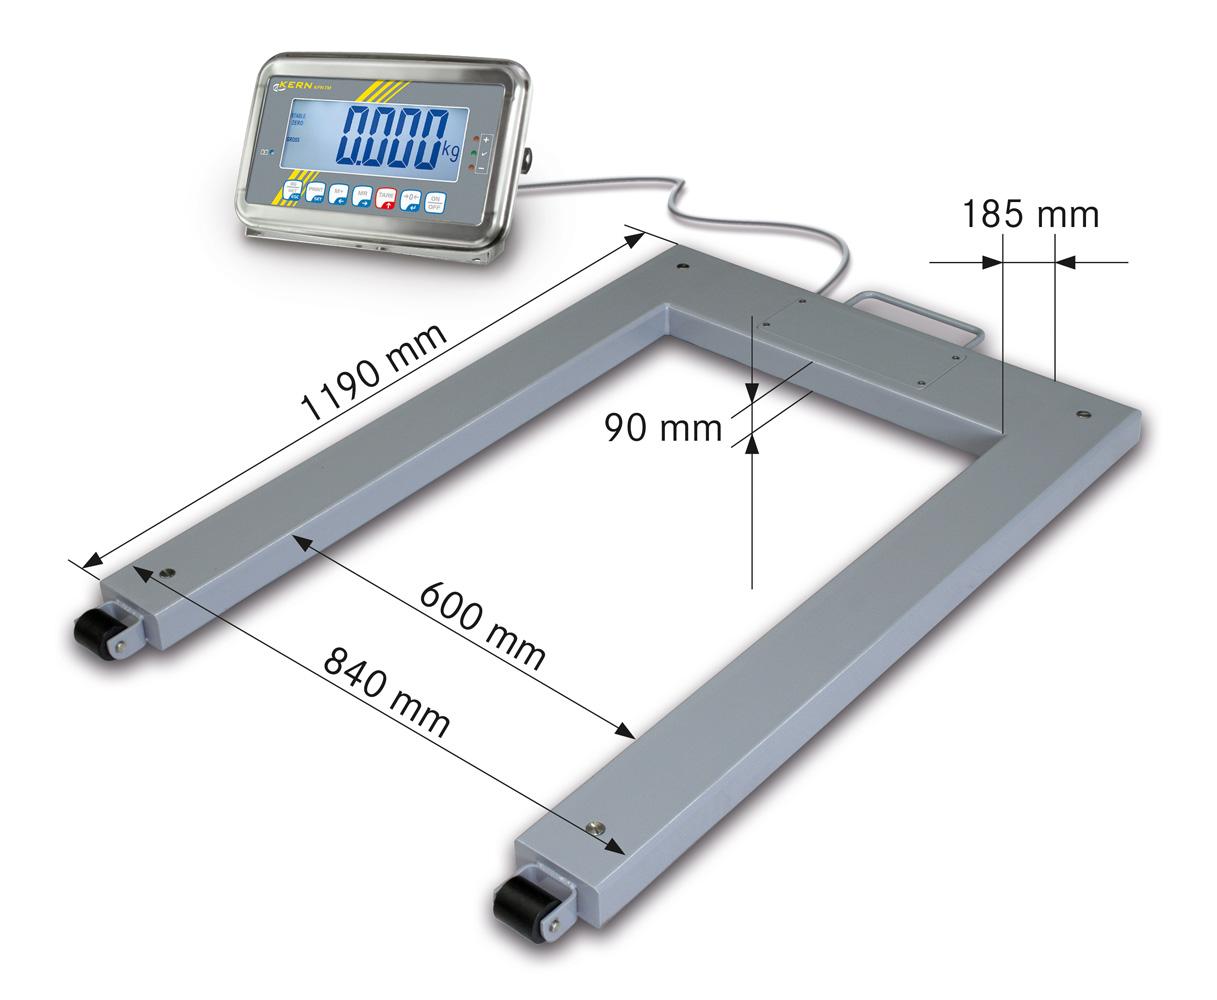 Palettenwaage mit Stahl-Lastaufnahme (IP67) und Edelstahl-Auswertegerät (IP65), mit Eichzulassung [M]